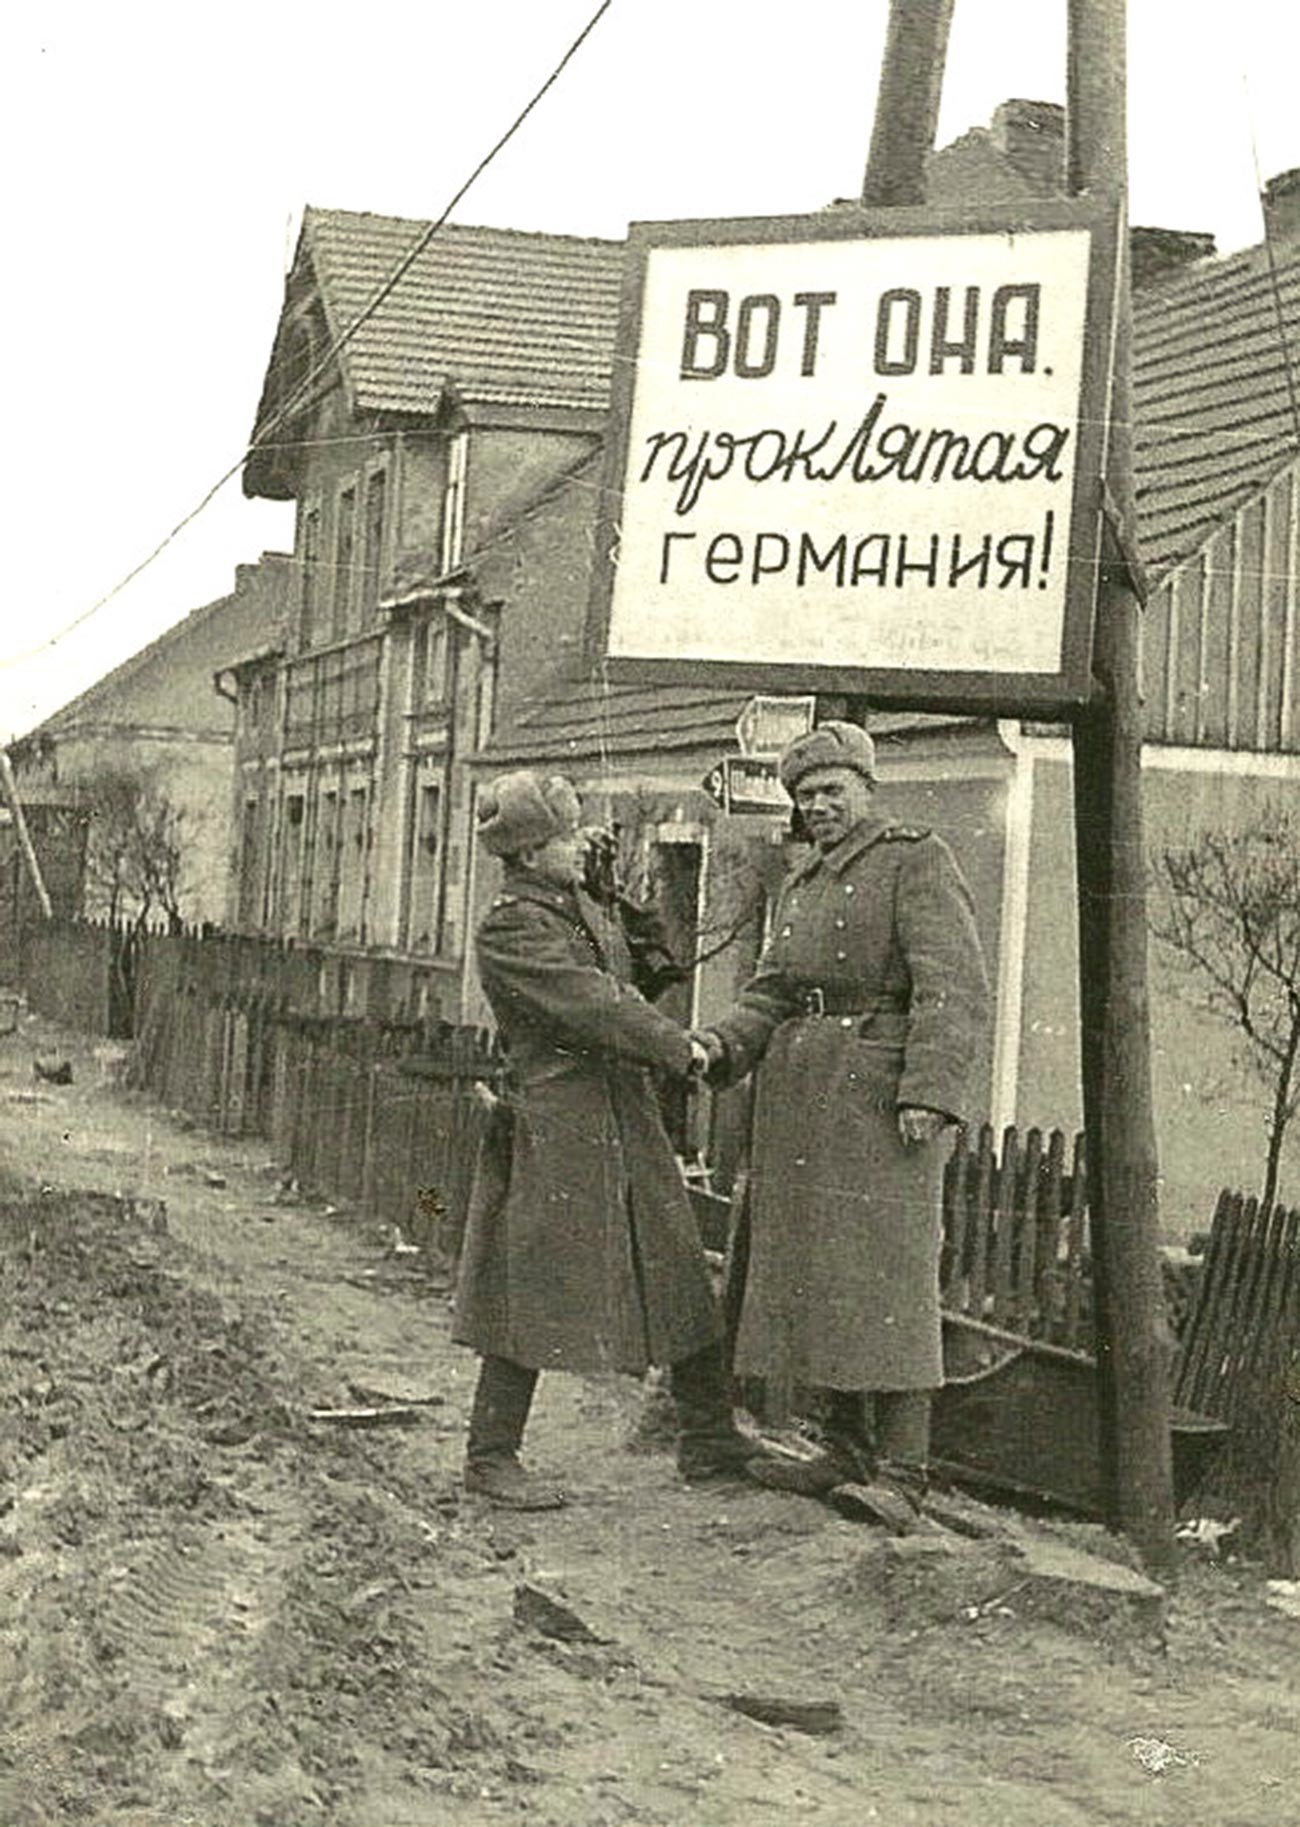 """El letrero dice: """"¡Aquí está, la maldita Alemania!"""" Los reporteros cinematográficos de guerra de guerra Iliá Arons (izquierda) y Borís Dementiev en la antigua frontera entre Polonia y Alemania durante el rodaje de Batallas en Pomerania en abril de 1945"""